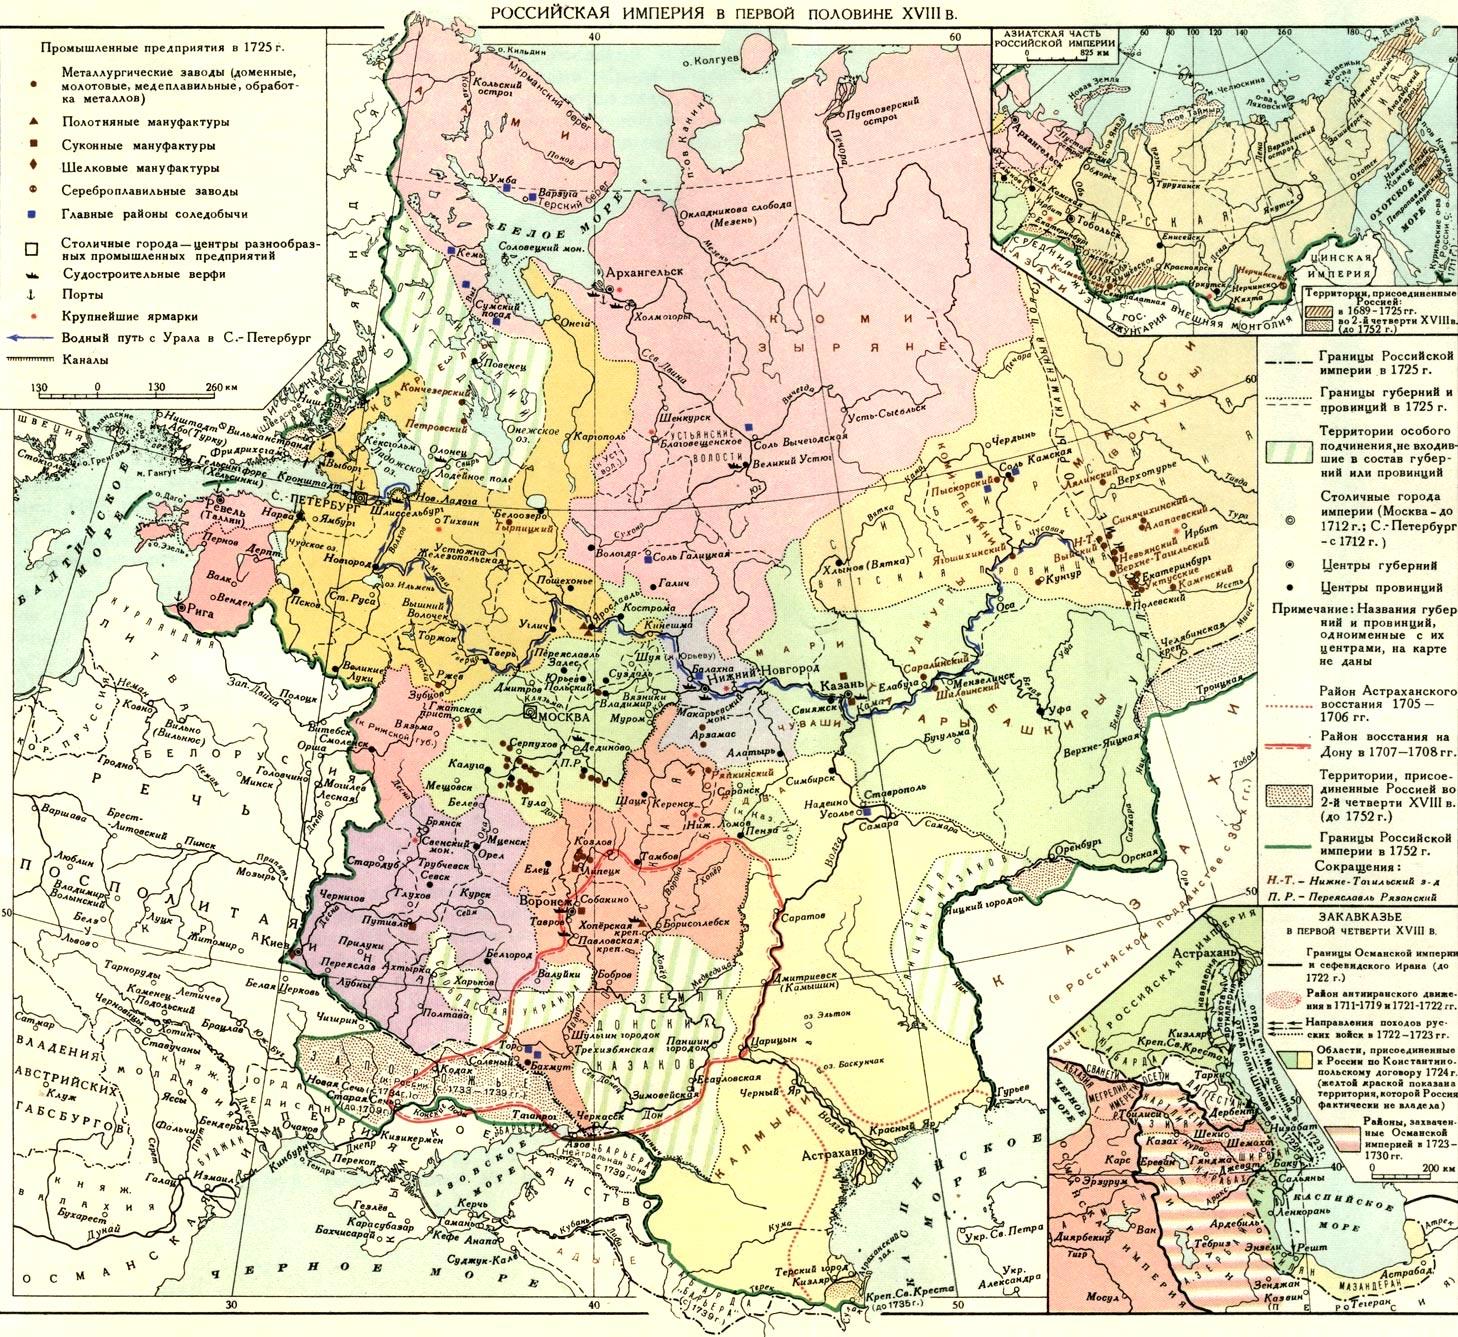 俄罗斯历史地图按年代收集